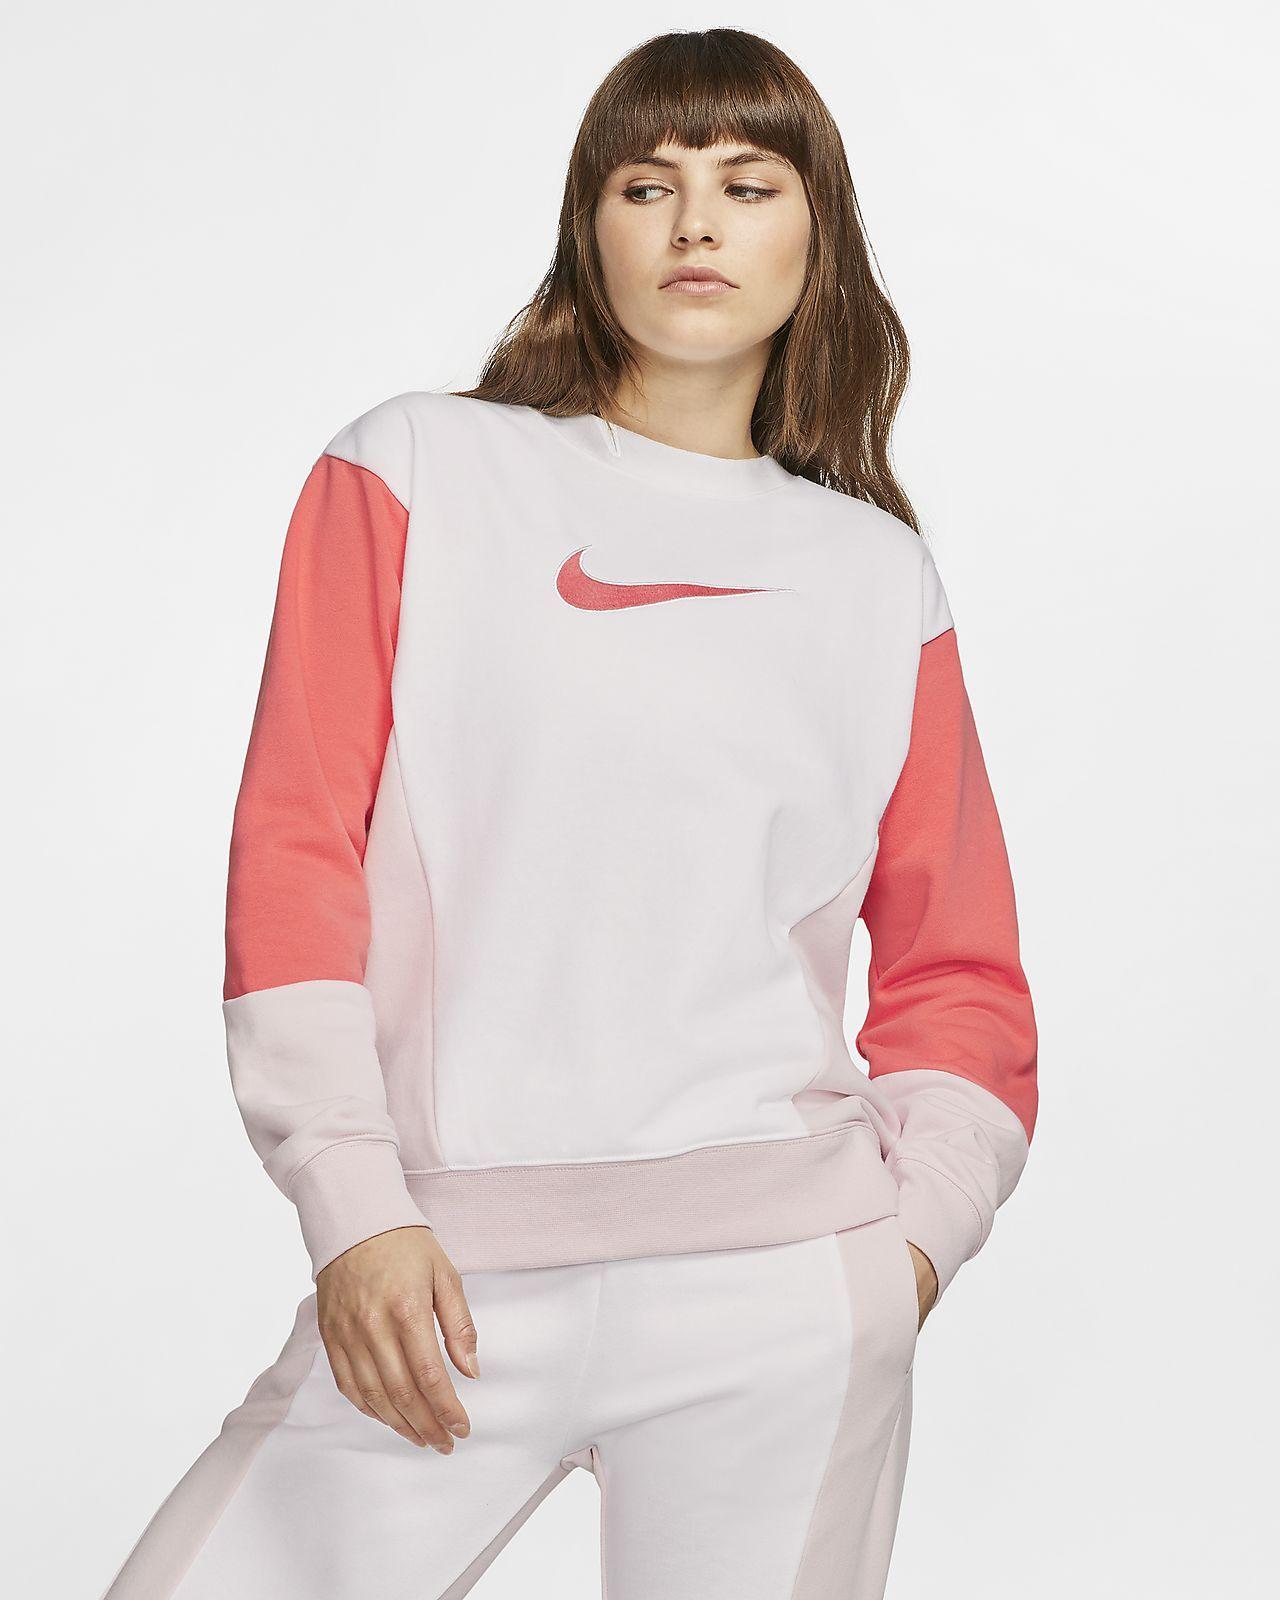 Predownload: Nike Sweatshirt Nike Sportswear Women Nike Sportswear Sweatshirts Women [ 1600 x 1280 Pixel ]